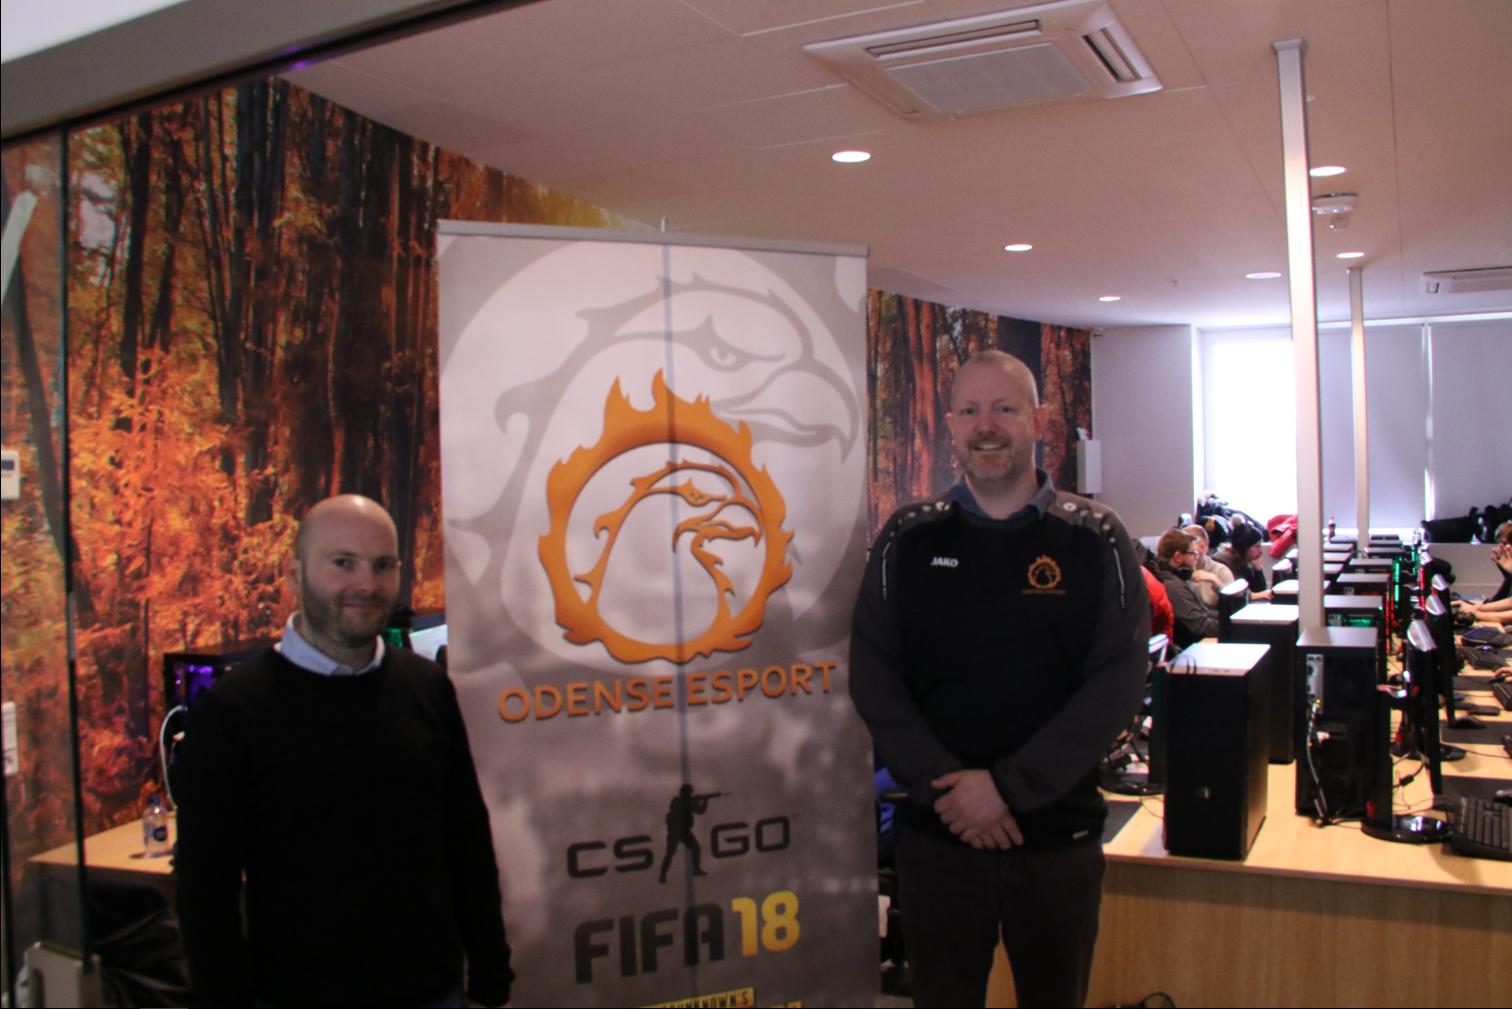 Odense Esport og HF & VUC FYN Odense indgår samarbejde